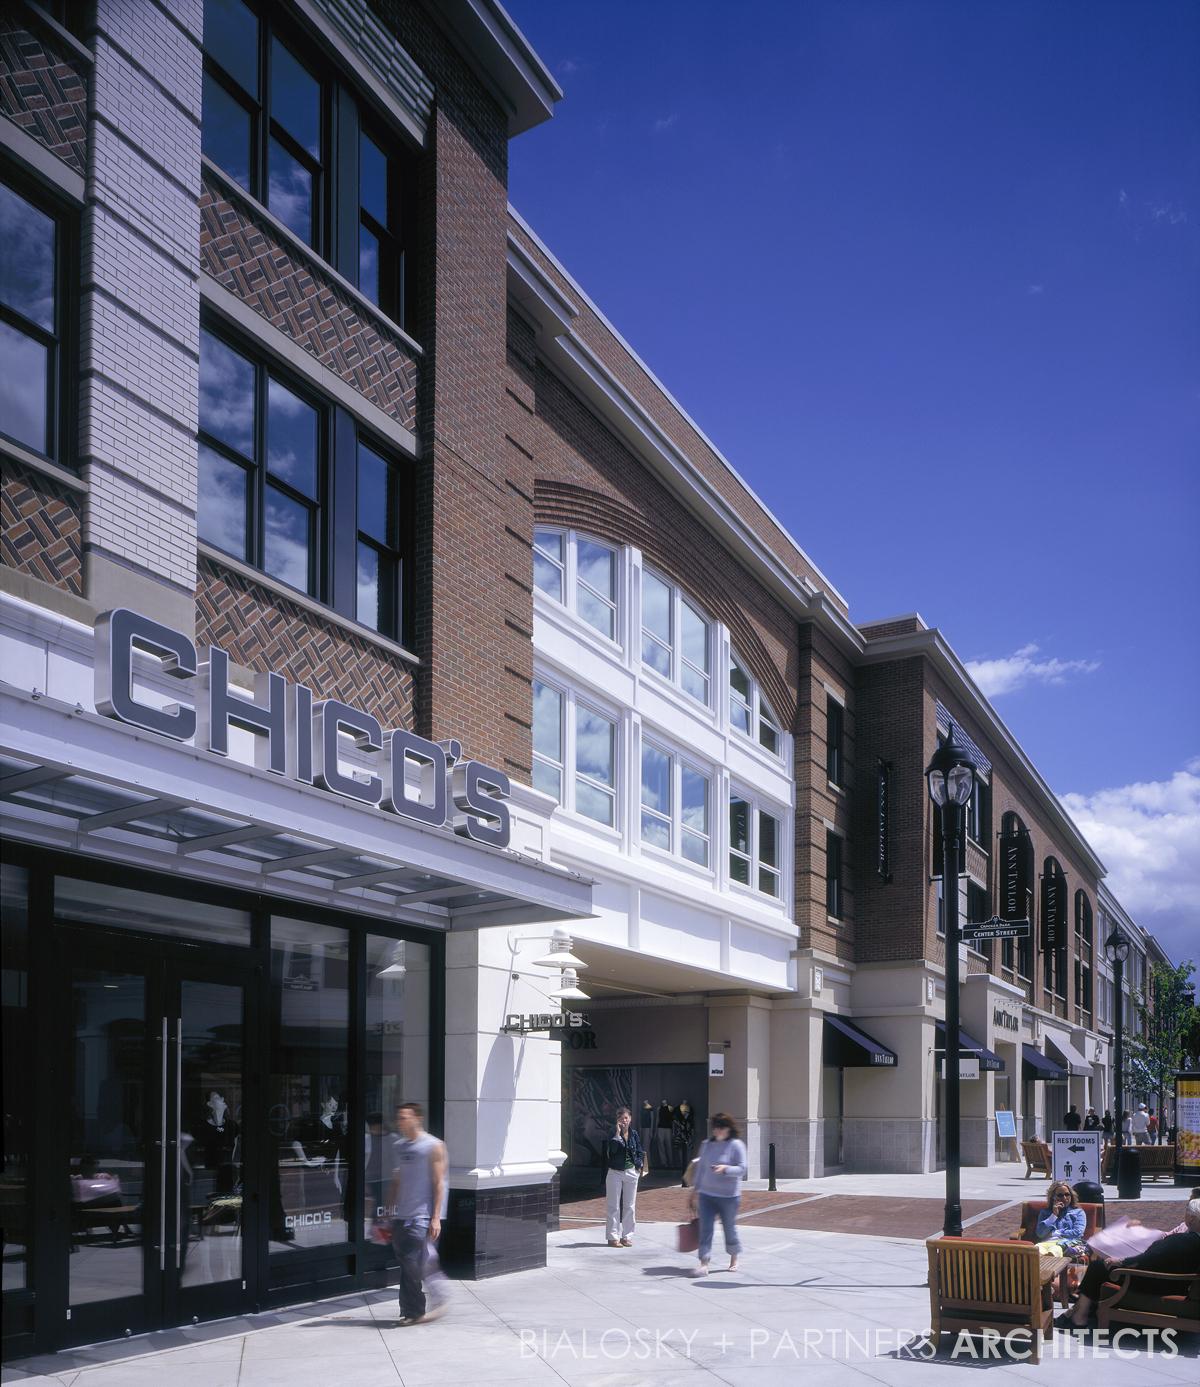 Crocker Park - Bialosky + Partners Architects